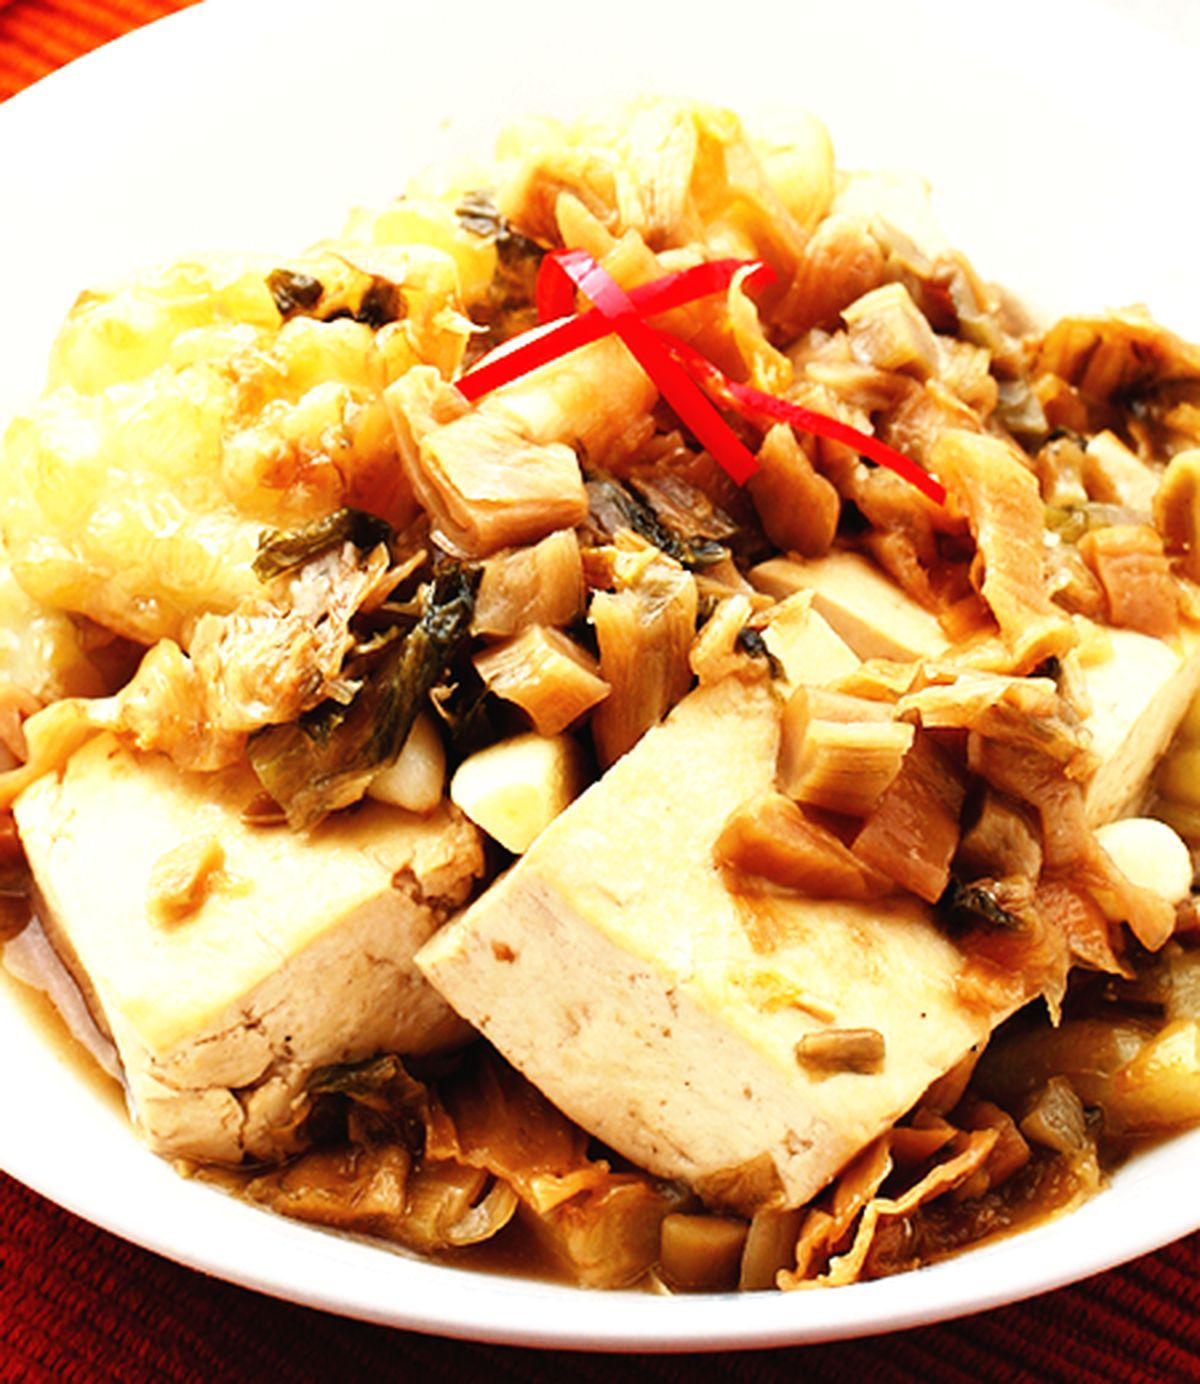 食譜:福菜苦瓜燜臭豆腐